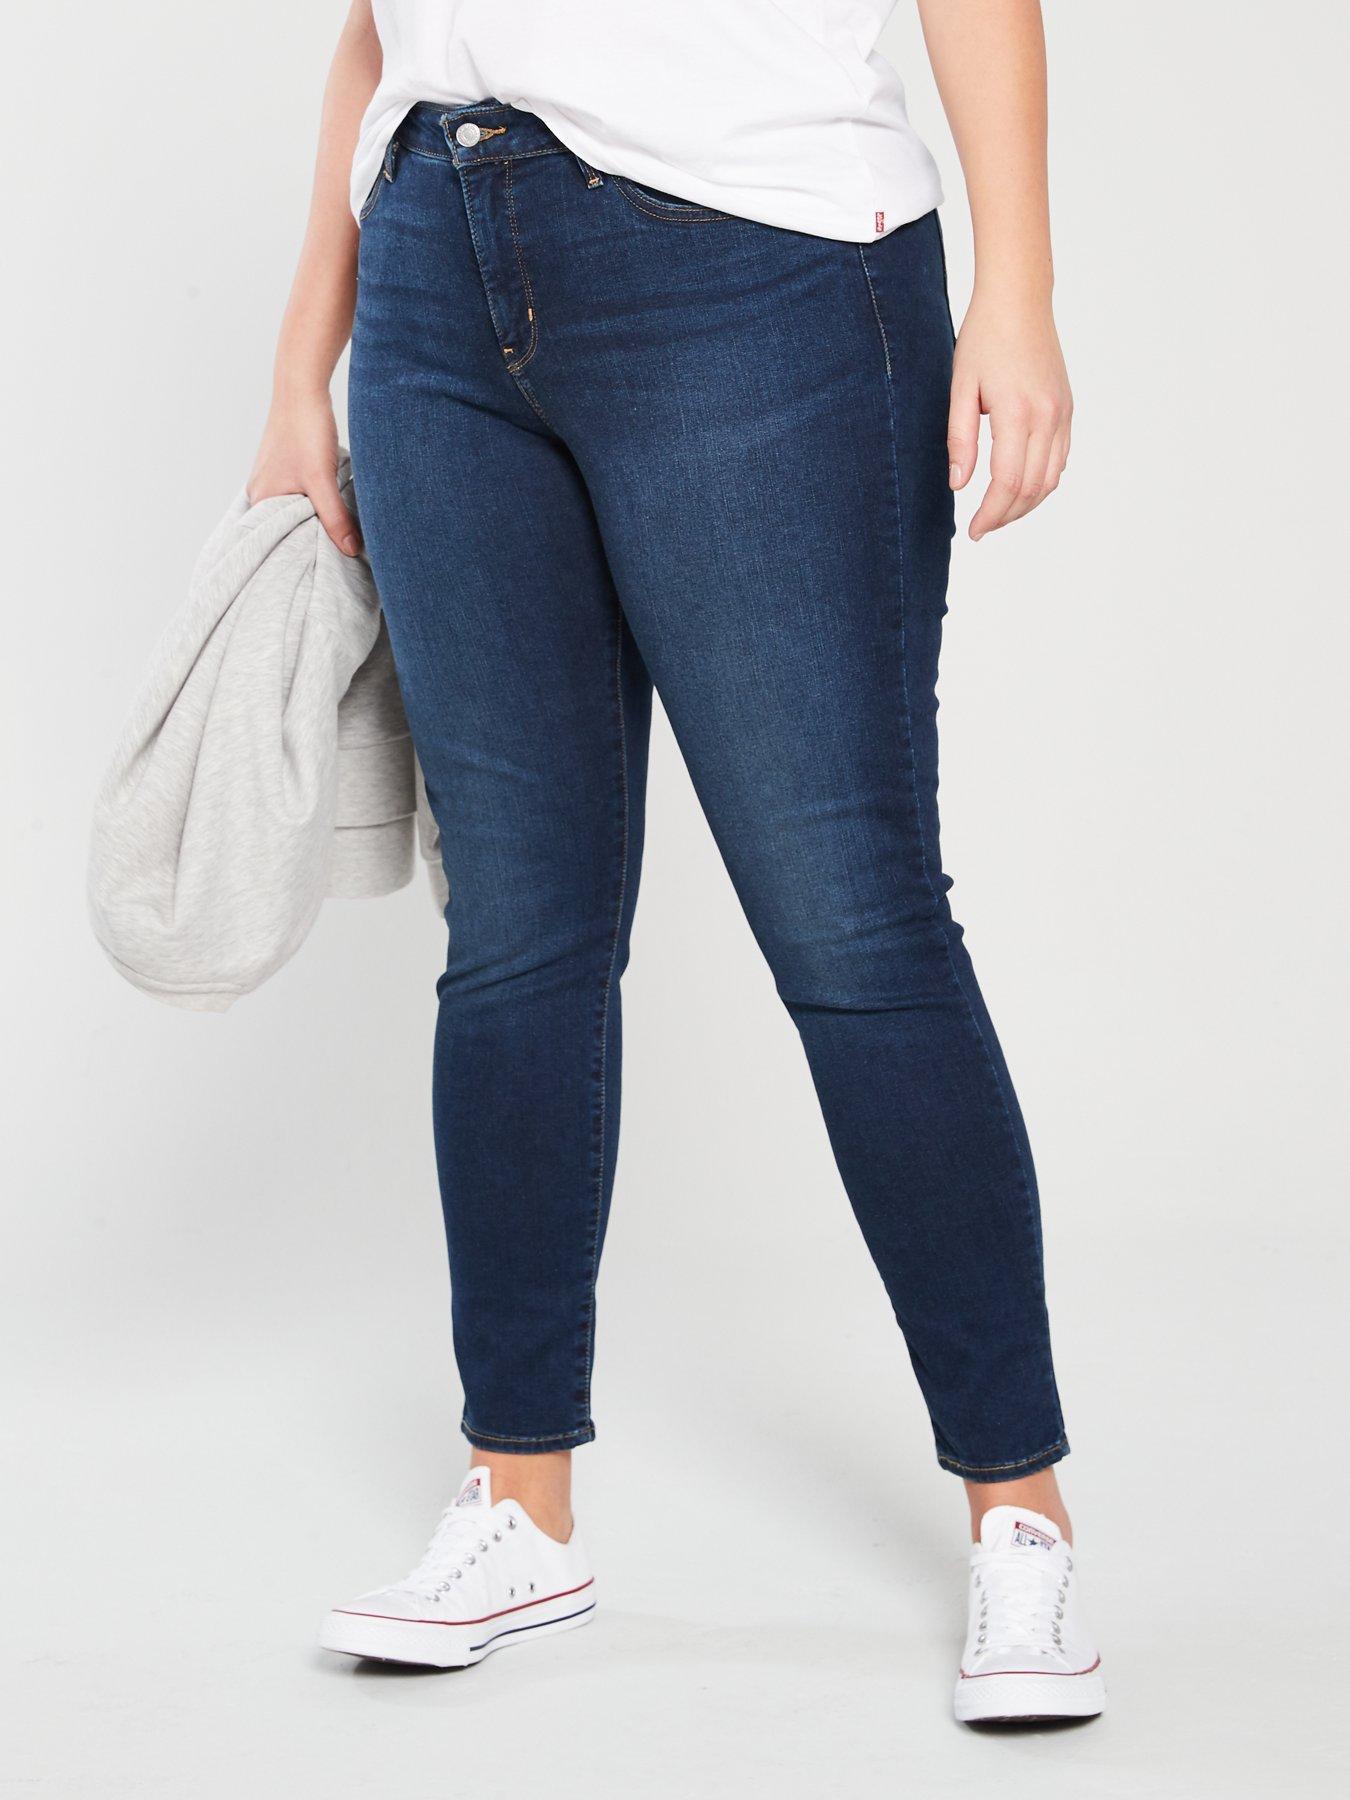 co Women uk Very Levi's Plus Jeans Iqan7U